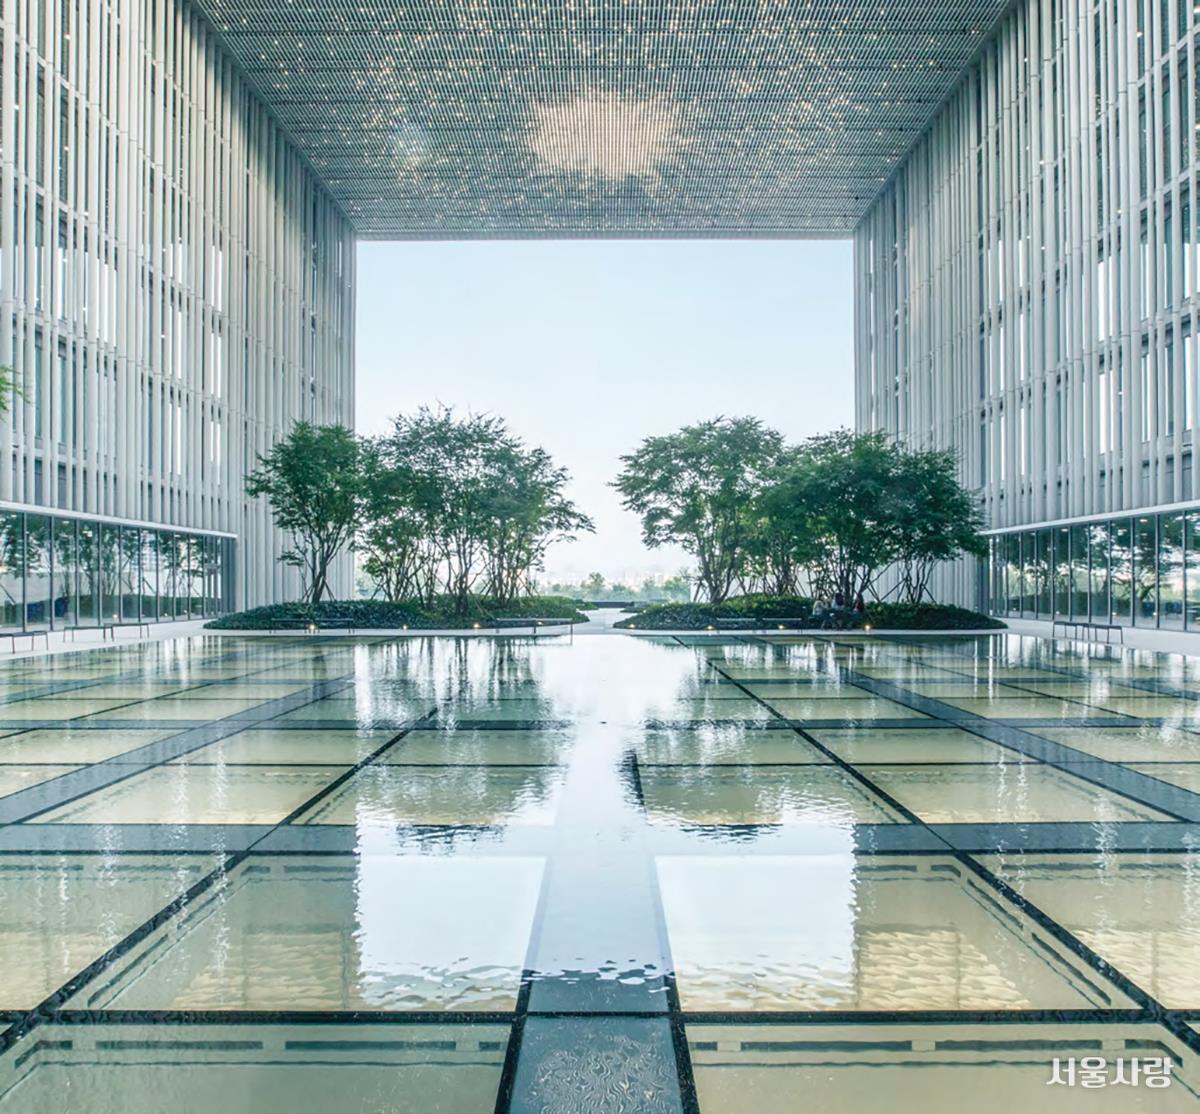 (위, 아래) 건축물 자체가 예술 작품이 될 수 있다는 공식을 보여준 아모레퍼시픽 본사.